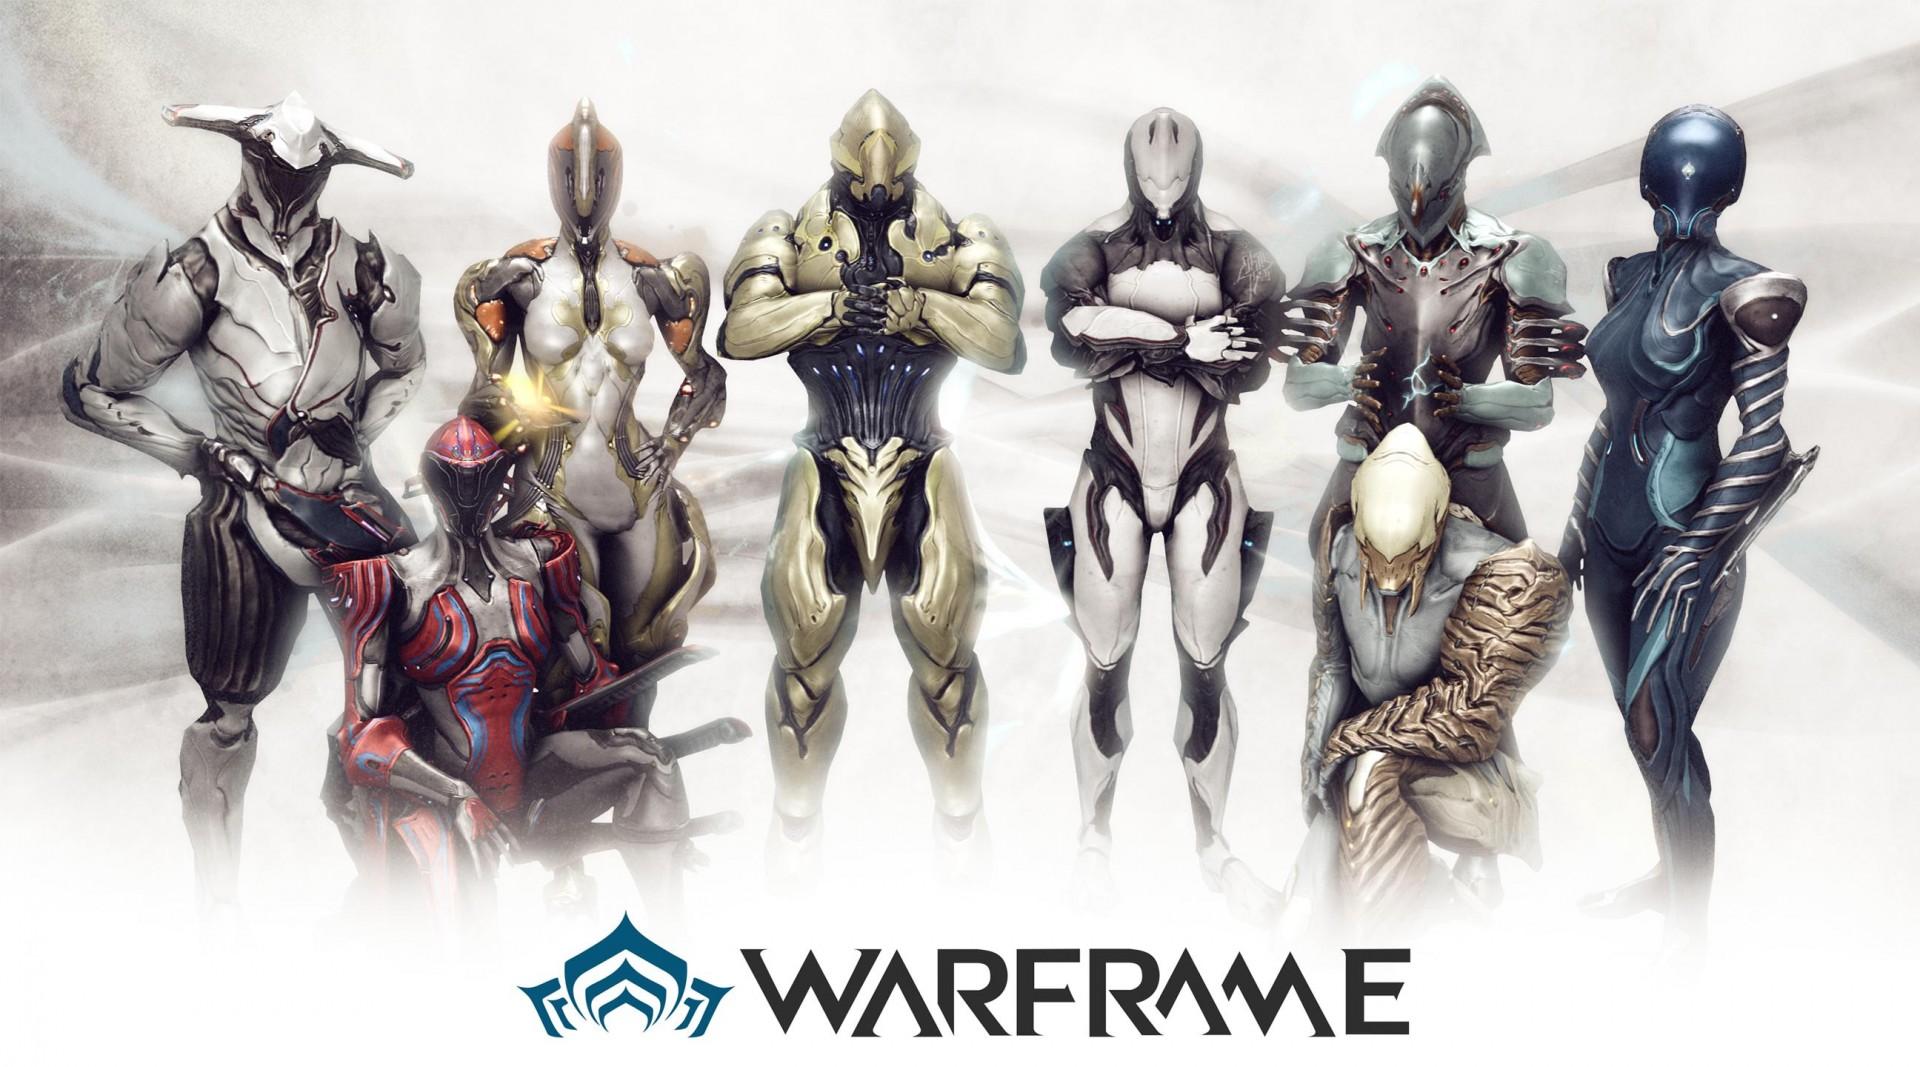 أكثر من 38 مليون لاعب مسجل في لعبة Warframe بعد 5 سنين من الإصدار!